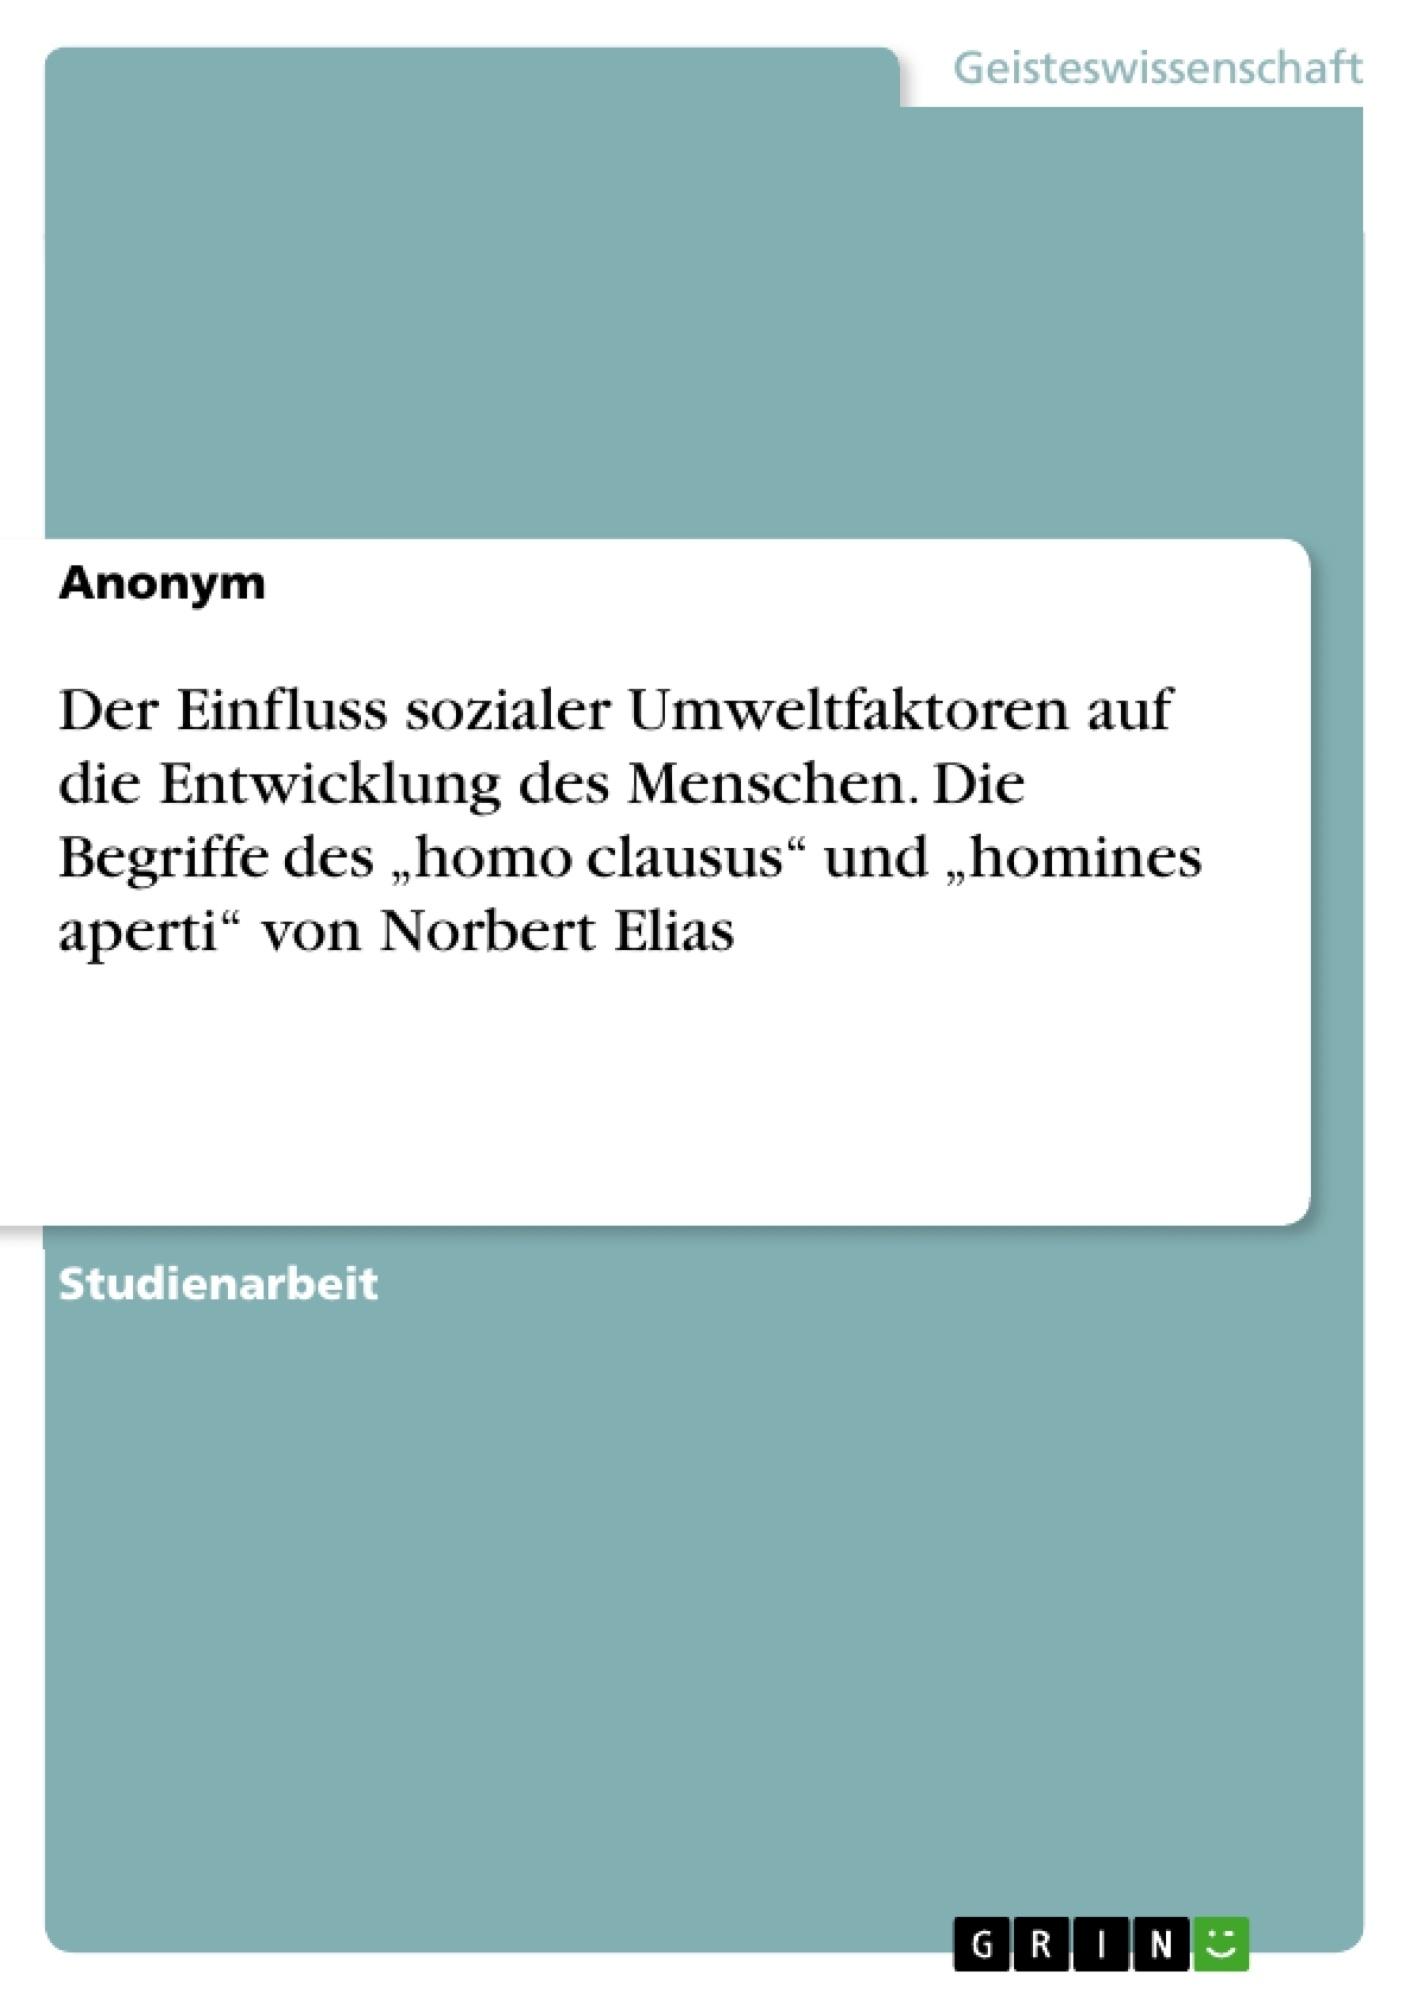 """Titel: Der Einfluss sozialer Umweltfaktoren auf die Entwicklung des Menschen. Die Begriffe des """"homo clausus"""" und """"homines aperti"""" von Norbert Elias"""